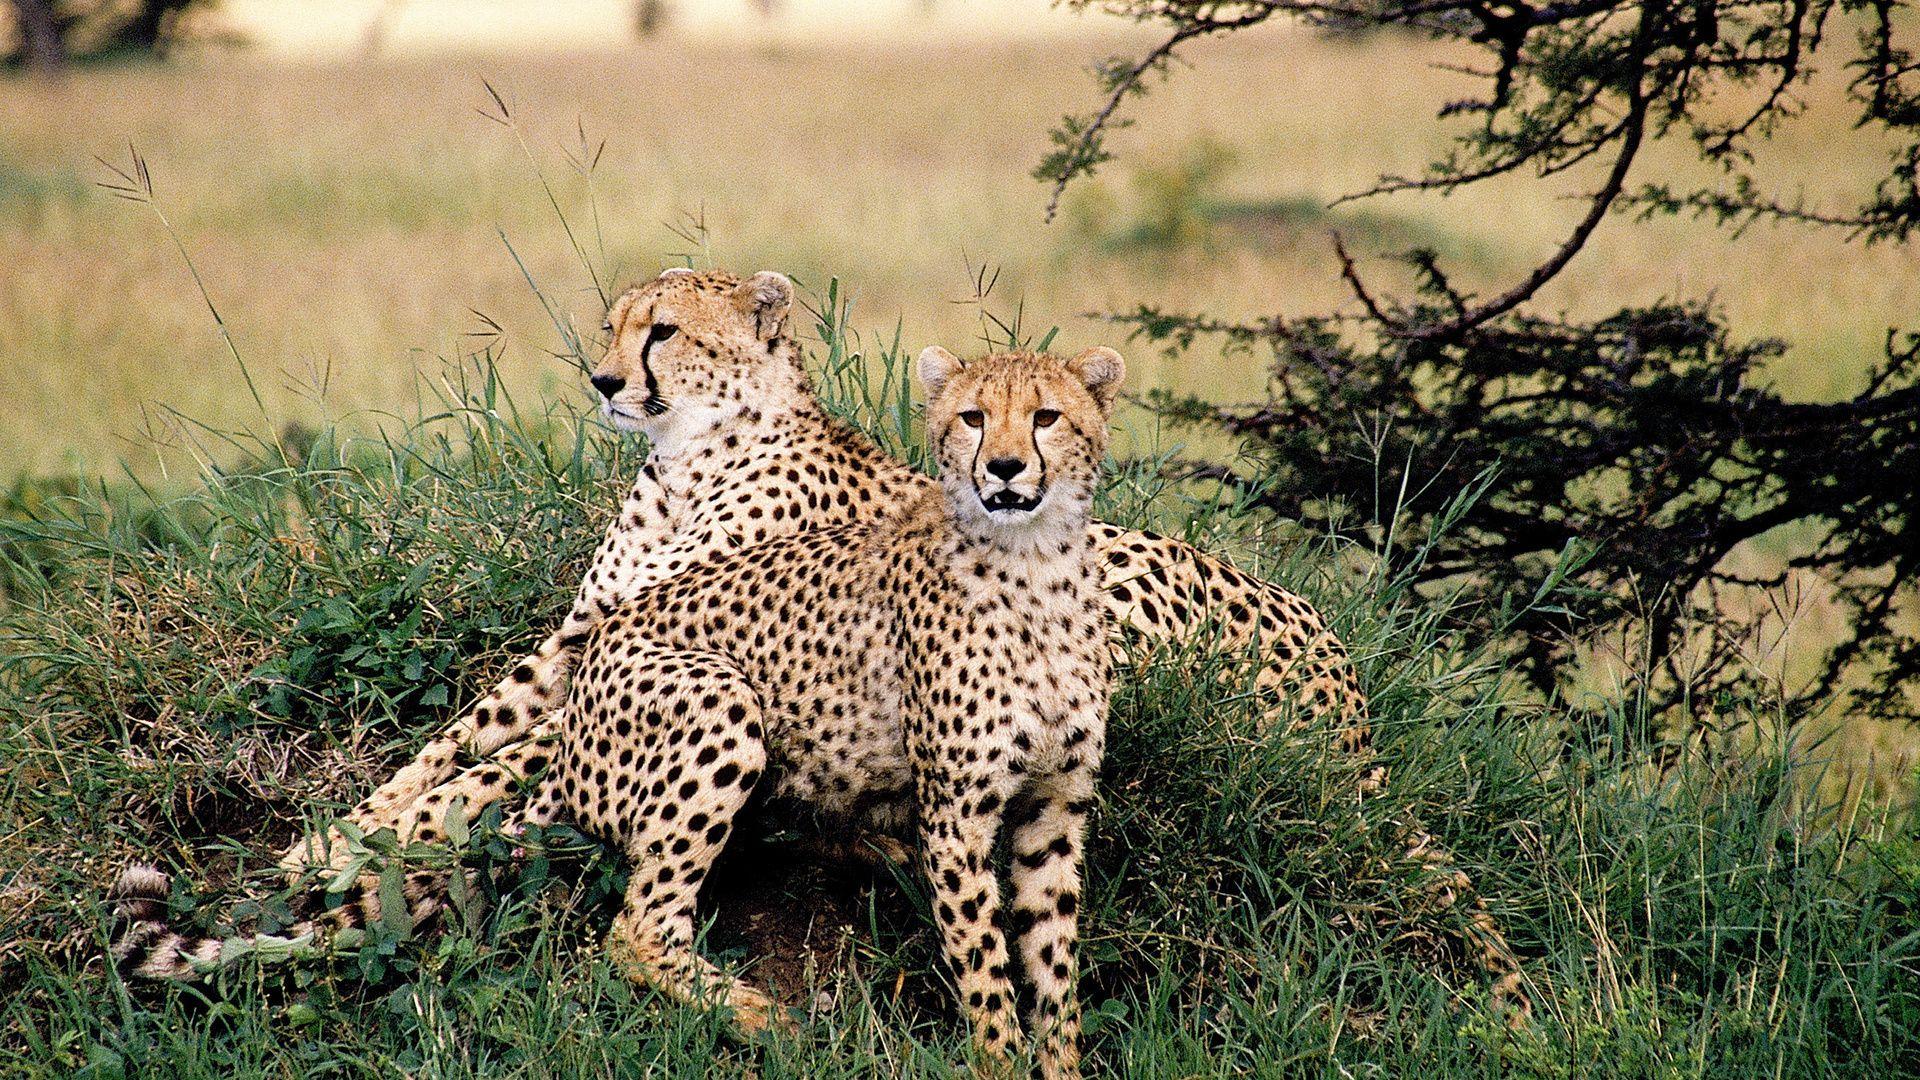 Asian Cheetah Photo